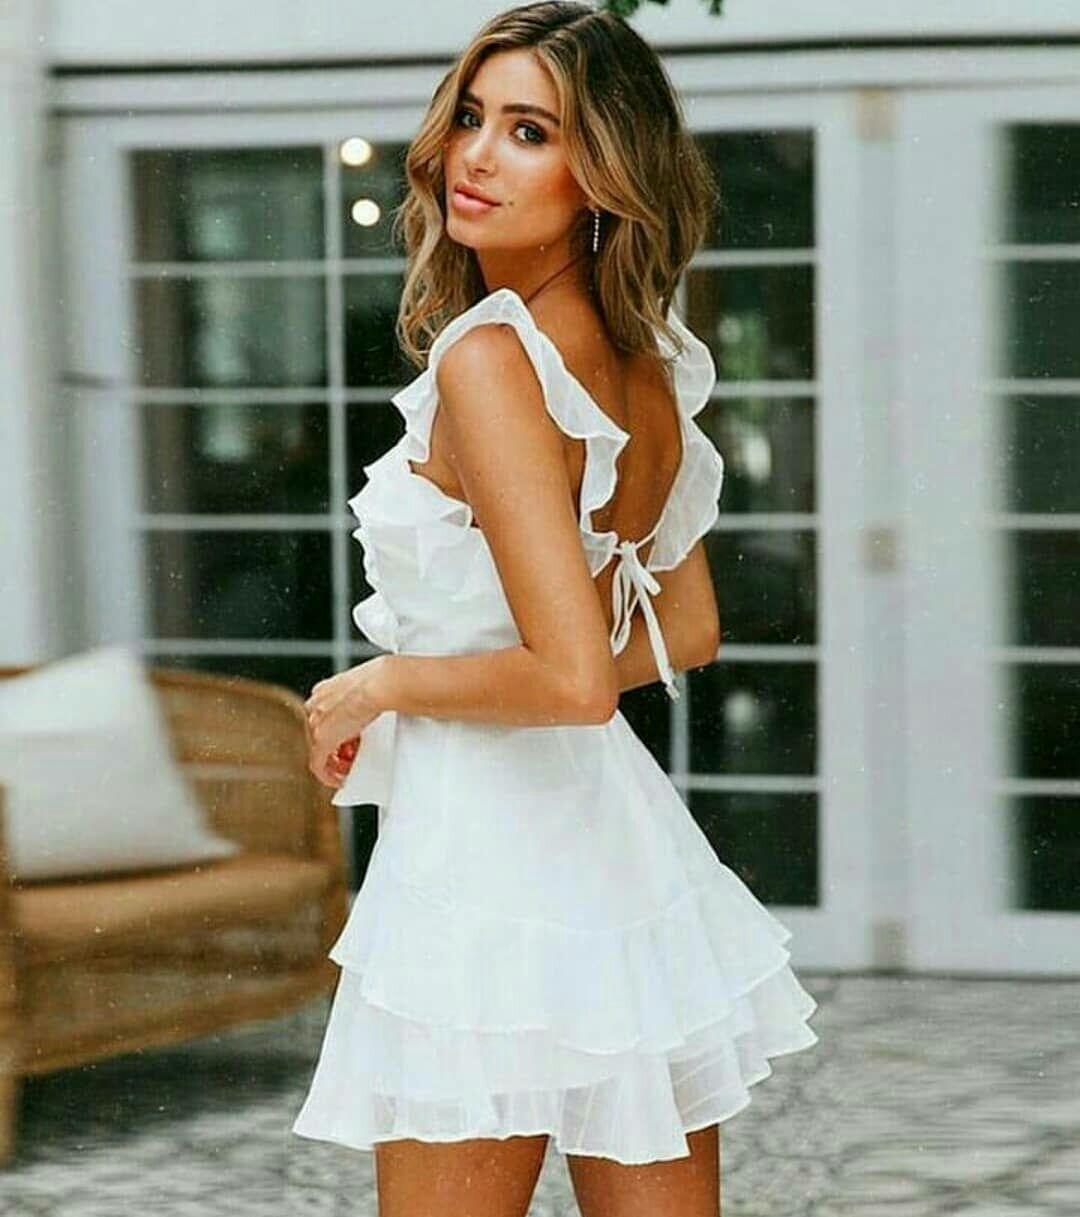 Ne Trebas U Zivotu Uvijek Imati Odgovore Na Sva Pitanja Dovoljno Je Da Znas Odgovor Na Svoj Zivot Chiffon Dress Short Party Dresses For Women Beauty Dress [ 1217 x 1080 Pixel ]